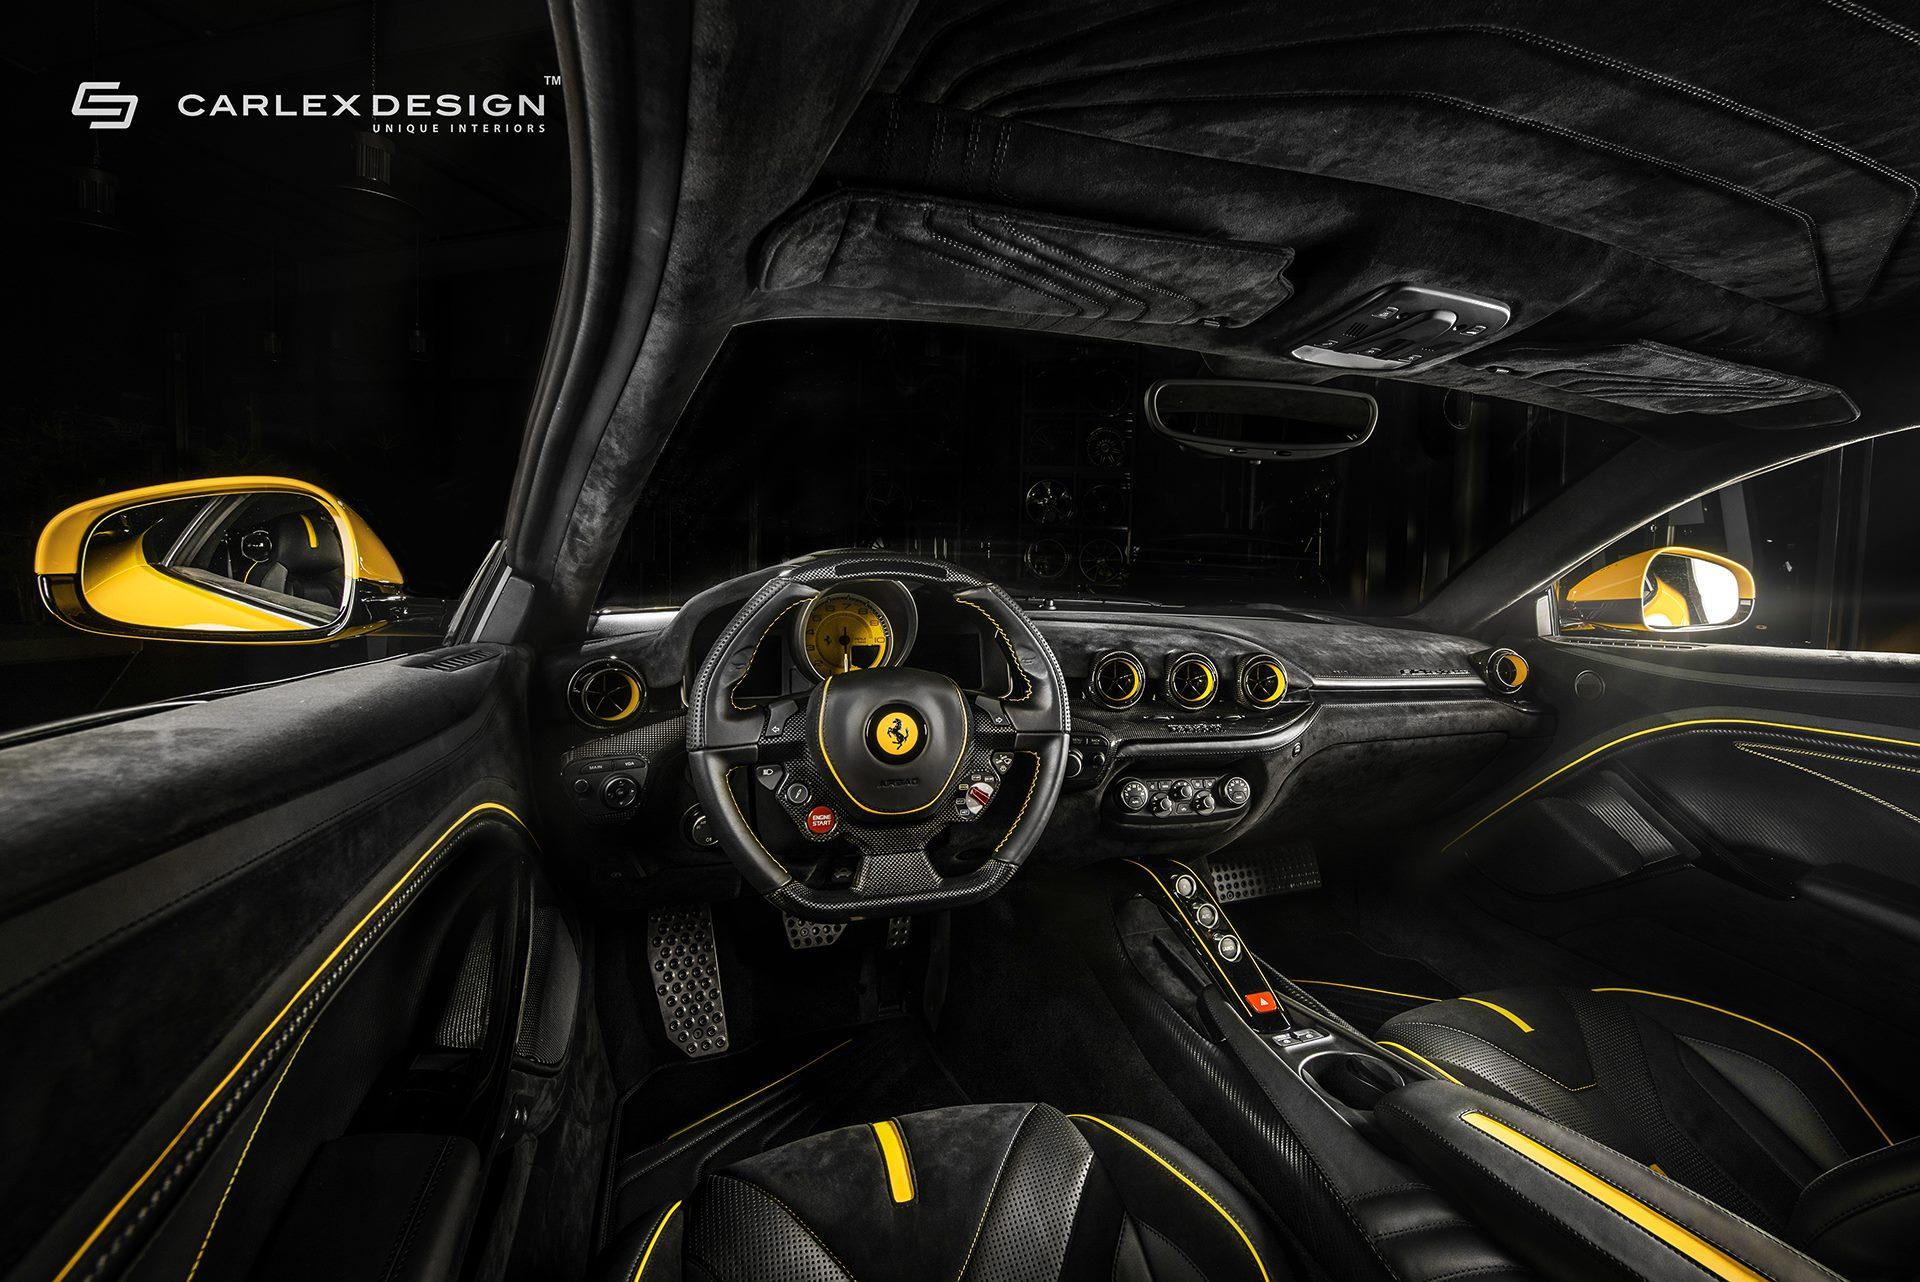 Ferrari F12berlinetta by Carlex Design (8)